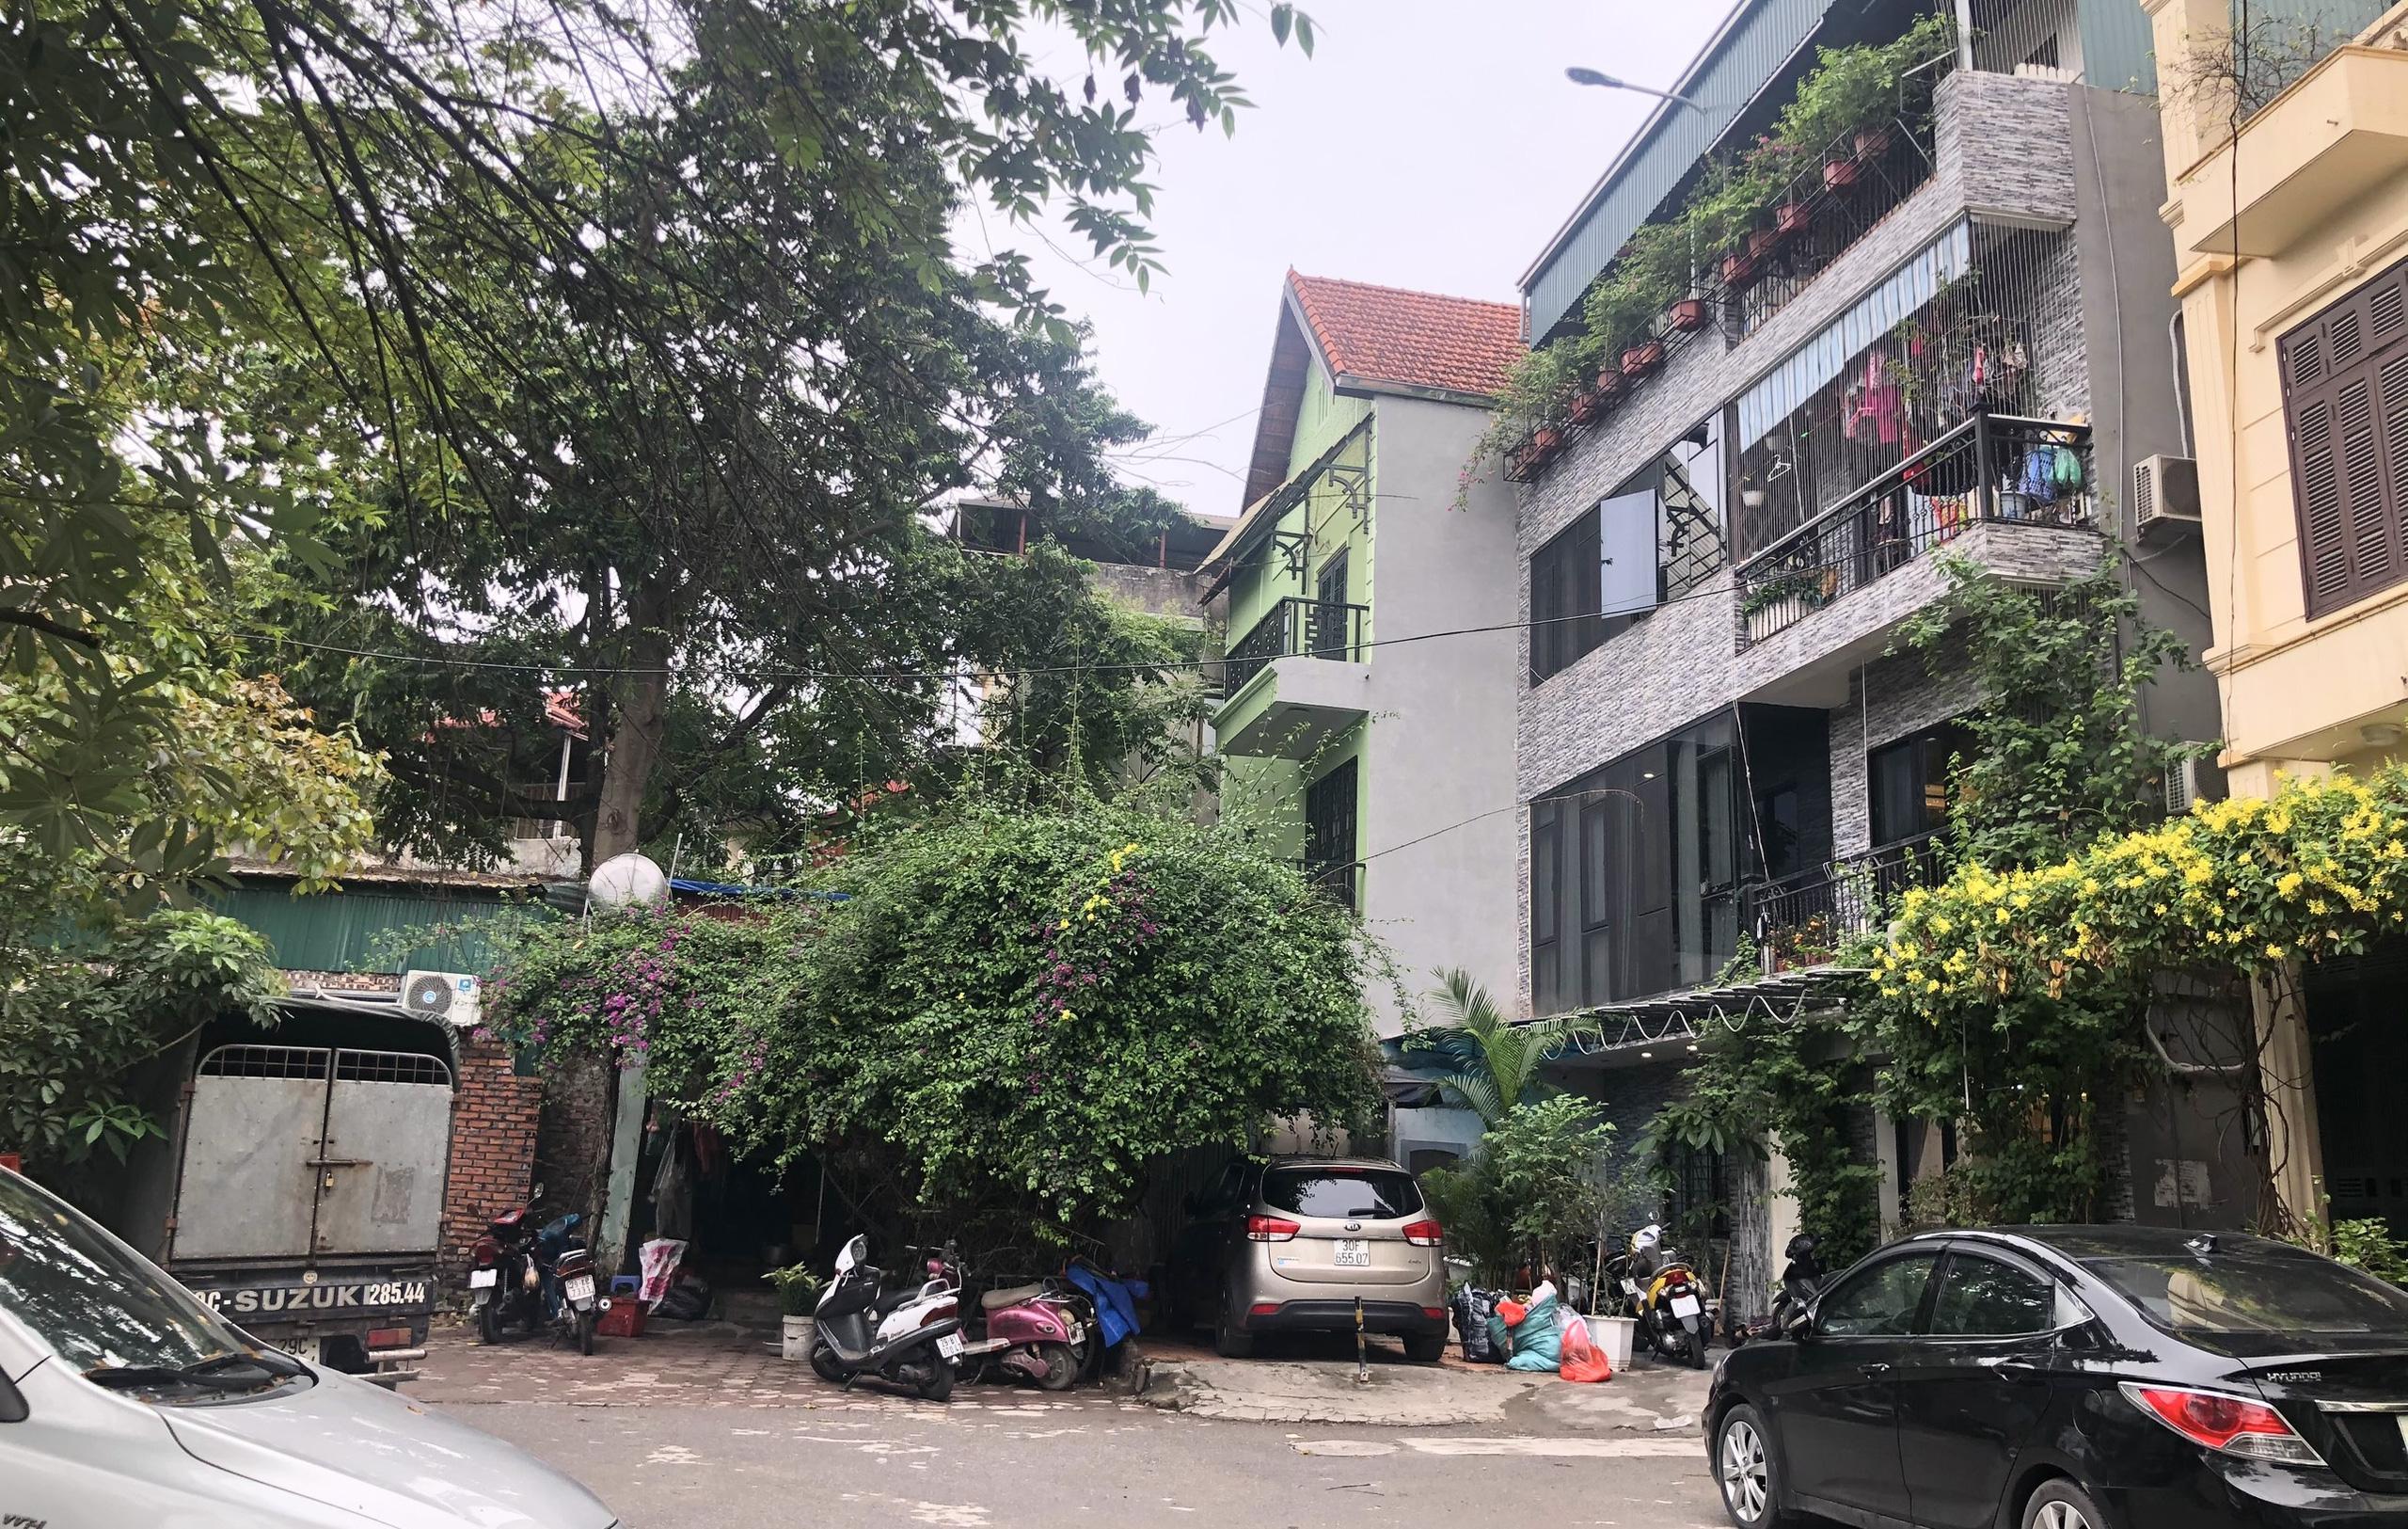 Đường sắp mở theo quy hoạch ở phường Ngọc Hà, Ba Đình, Hà Nội (phần 3): Hai đường nối ngõ Đội Cấn - phố Ngọc Hà  - Ảnh 13.